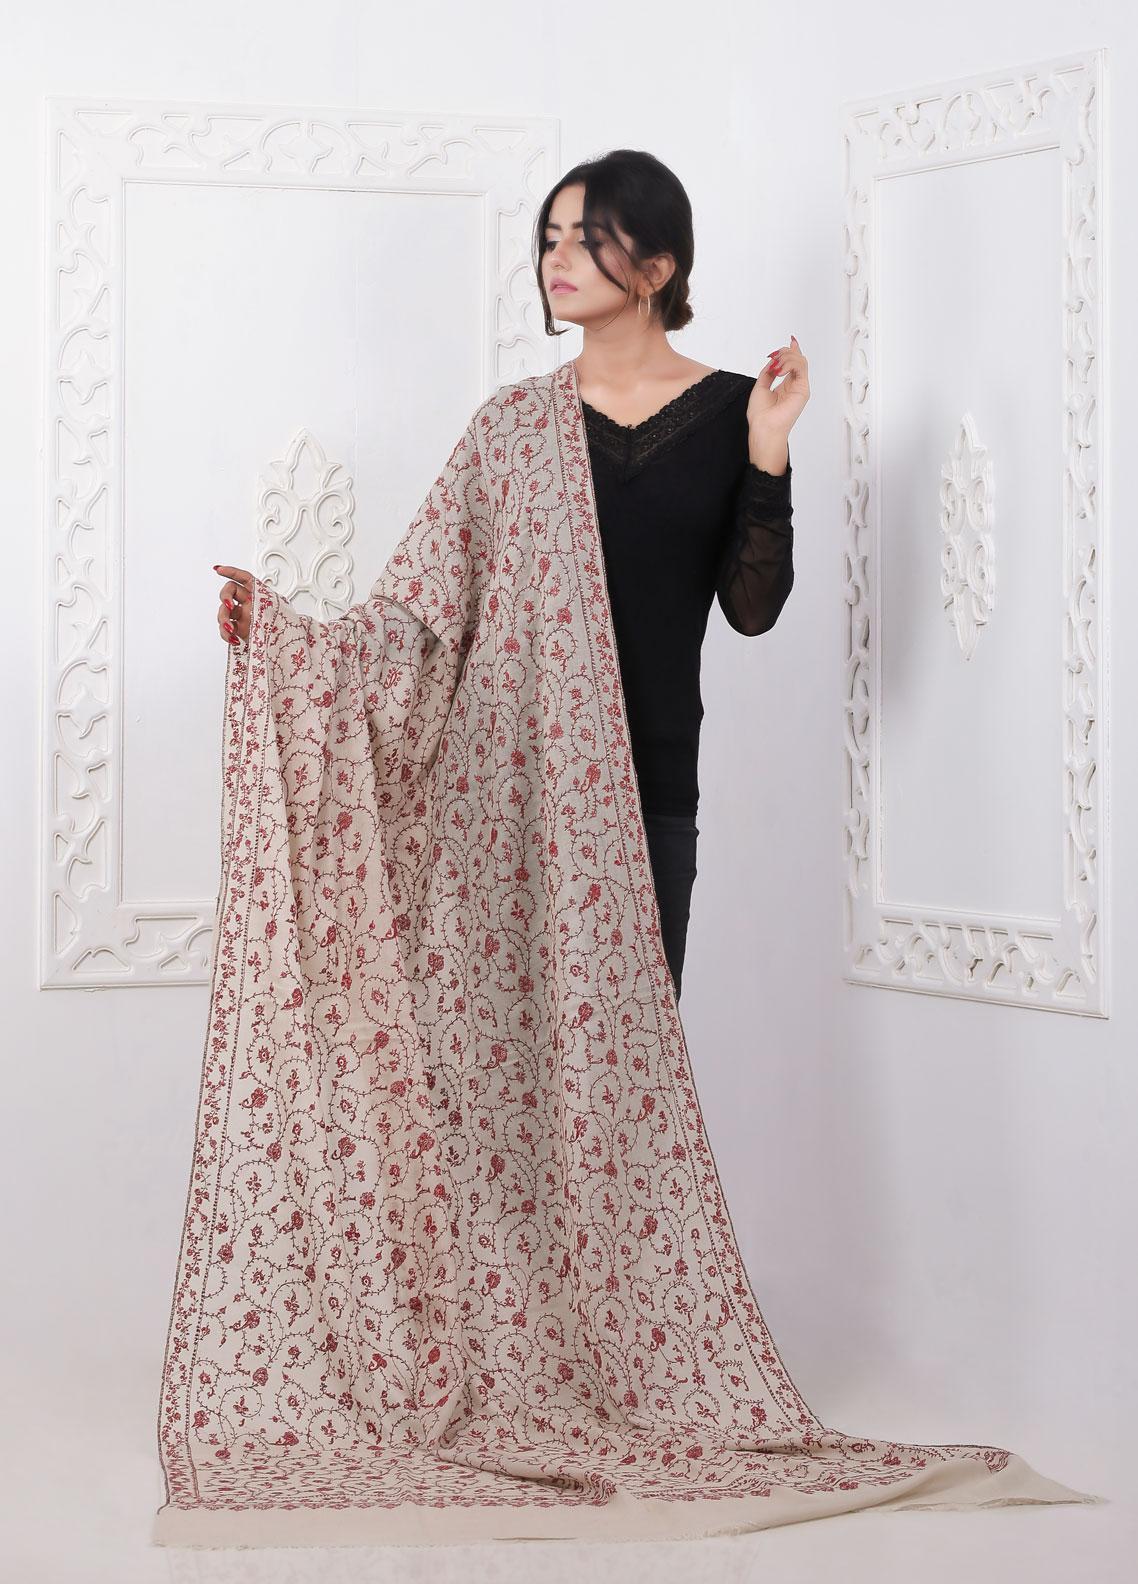 Sanaulla Exclusive Range Embroidered Pashmina Shawl AKP-12 Brown - Pashmina Shawls